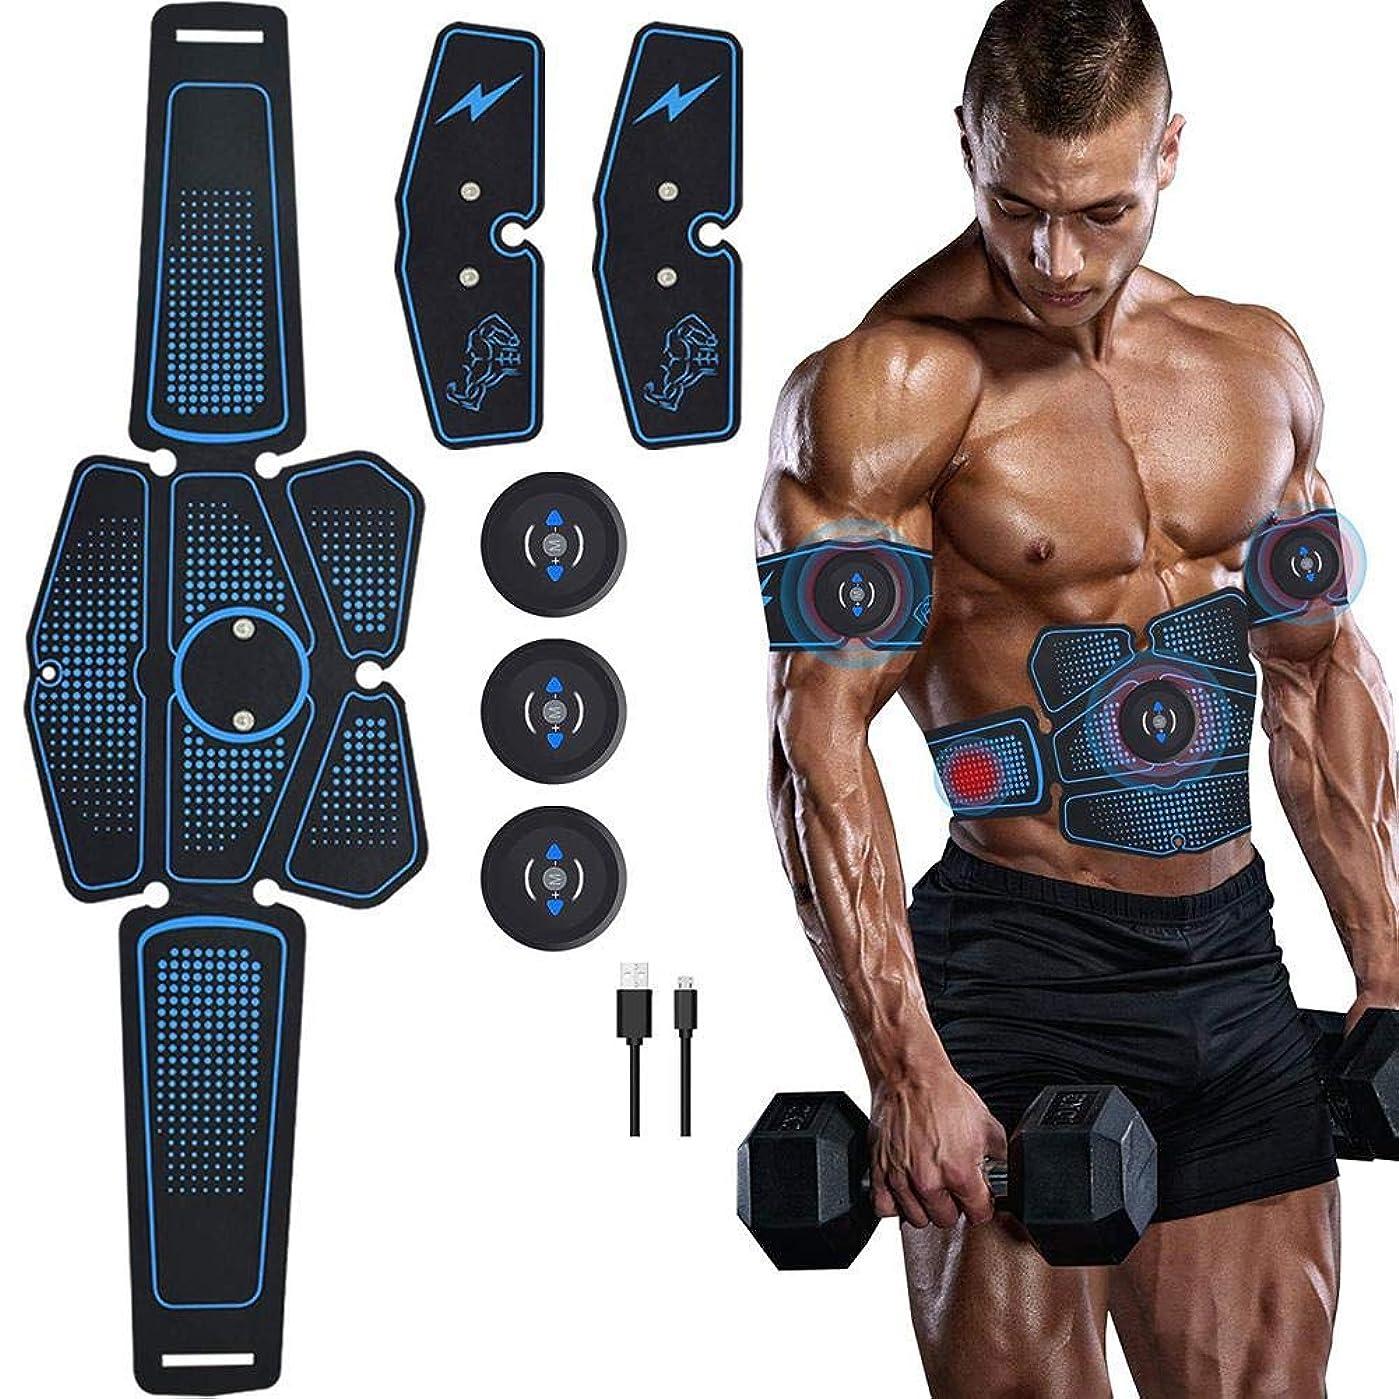 帝国主義洞察力のある容量電気腹部筋肉刺激装置、ABSウエストトレーナーフィットネス減量体重減少マッサージャー用男性と女性の脂肪燃焼